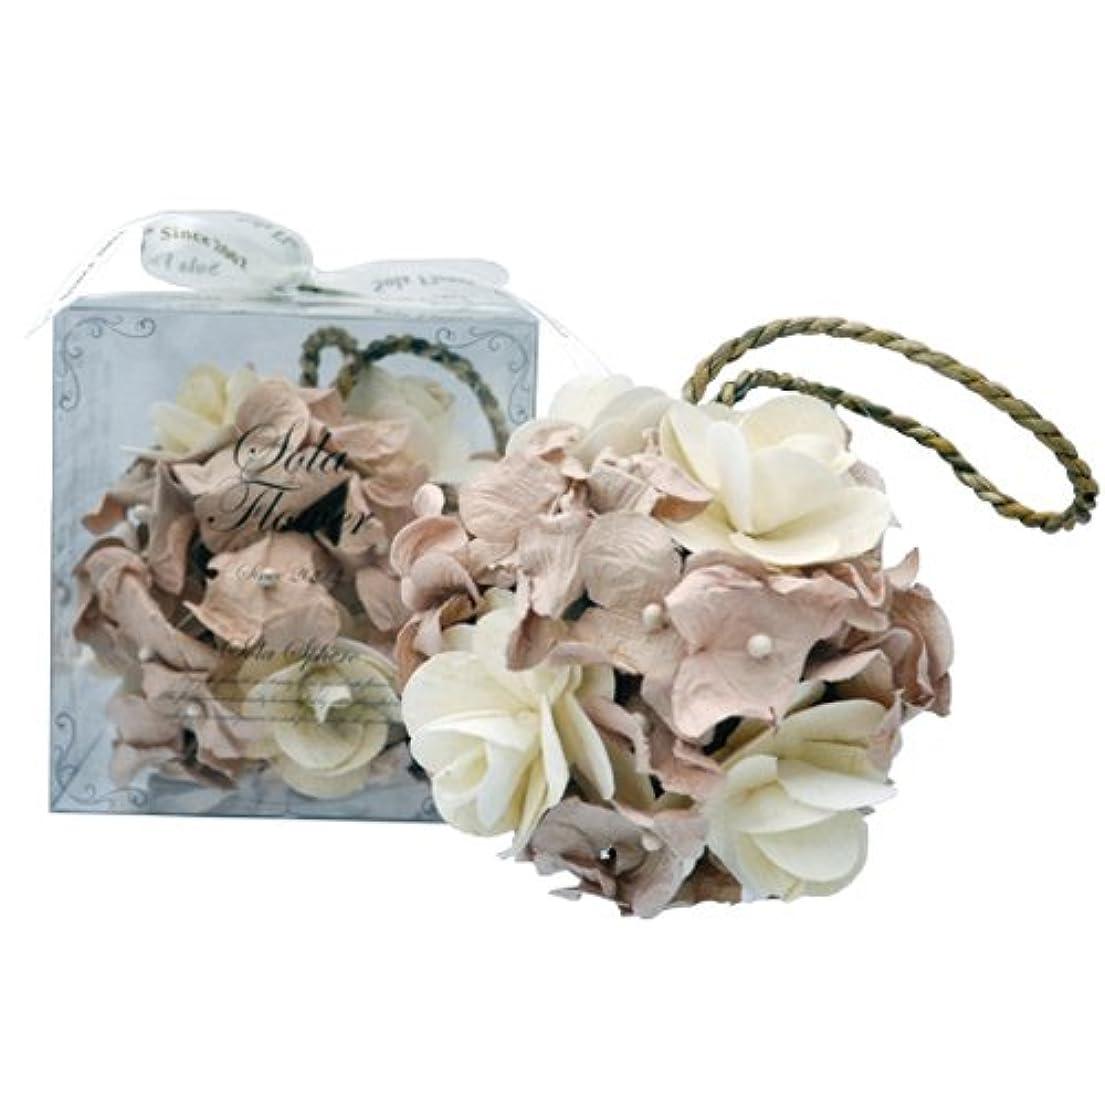 滞在追い越す影響を受けやすいですnew Sola Flower ソラフラワー スフィア Original Rose オリジナルローズ Sphere